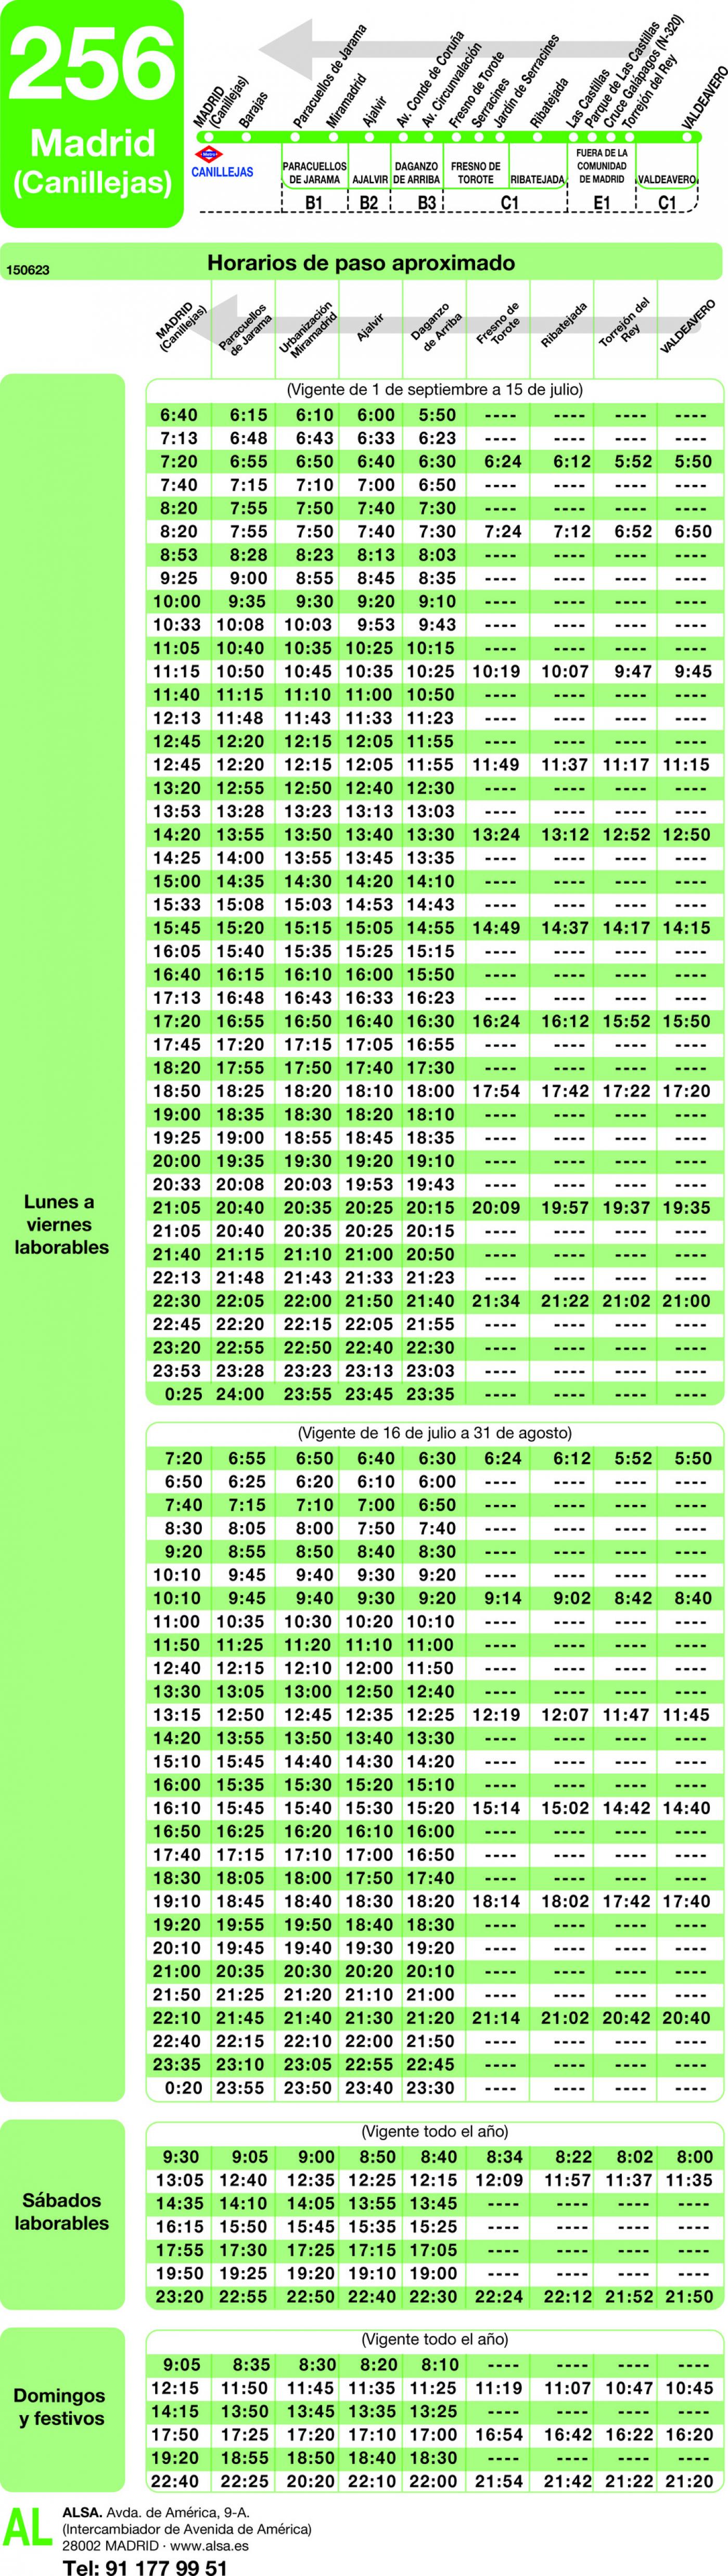 Tabla de horarios y frecuencias de paso en sentido vuelta Línea 256: Madrid (Barajas) - Daganzo - Valdeavero